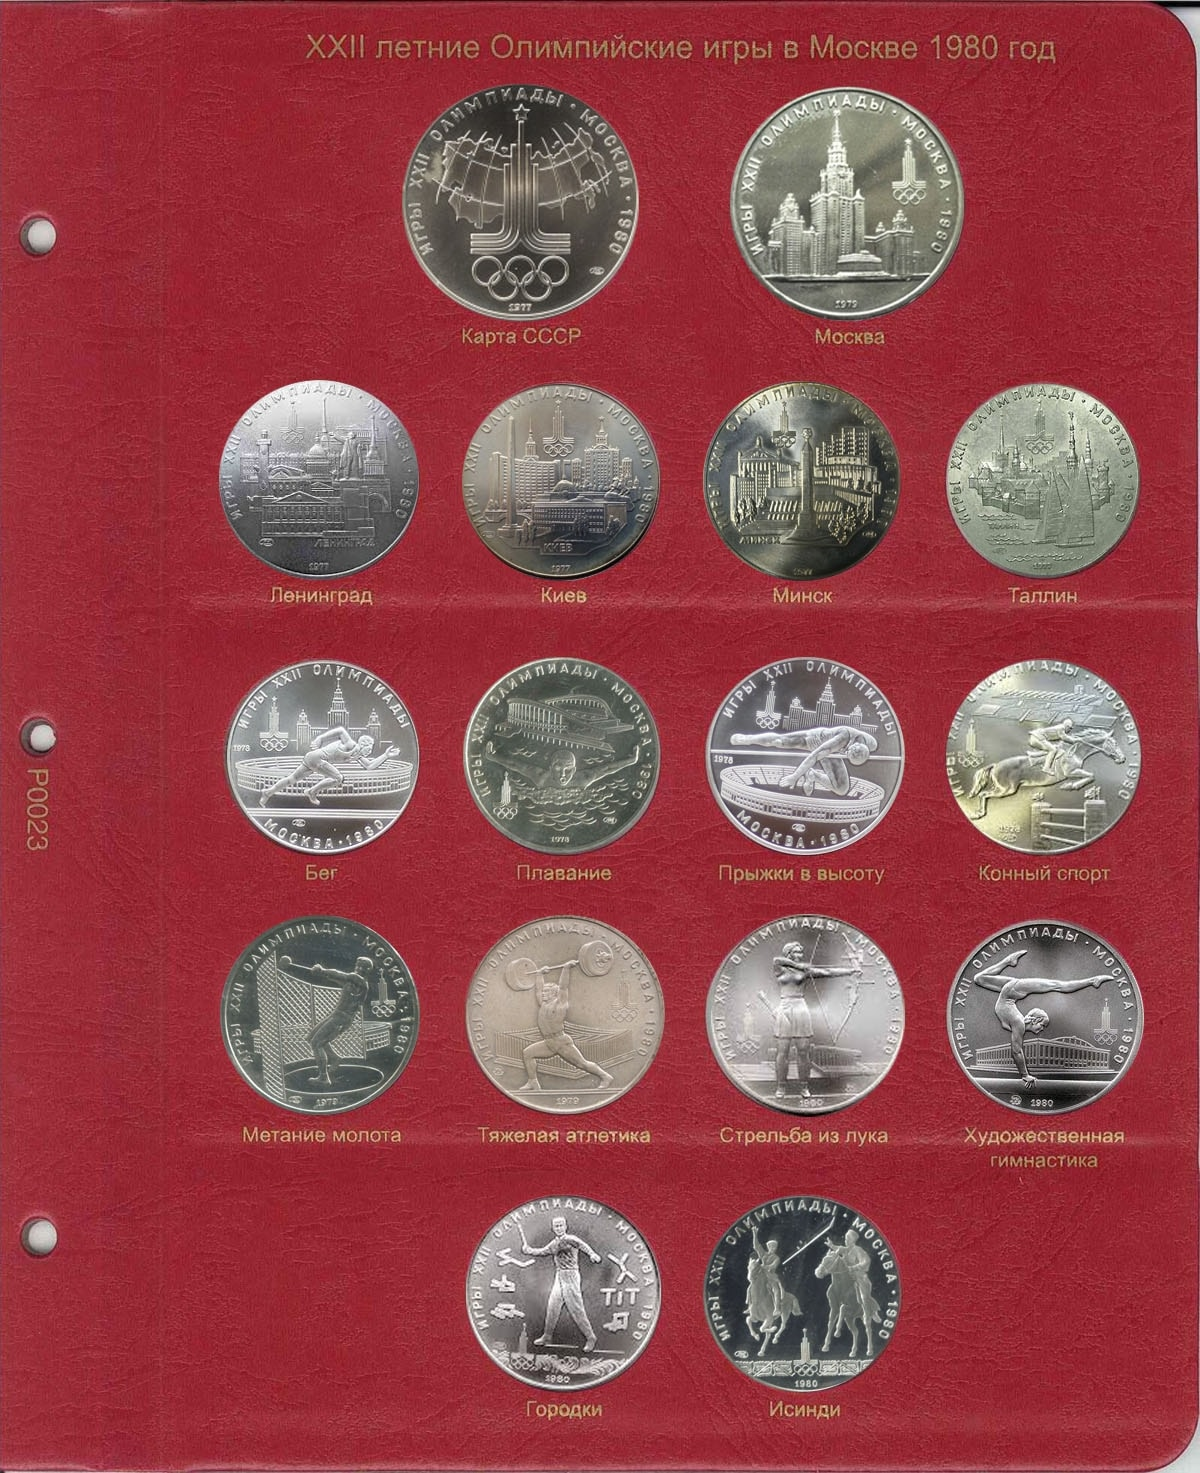 Папка для юбилейных монет все 5 тысяч долларов это сколько в гривнах